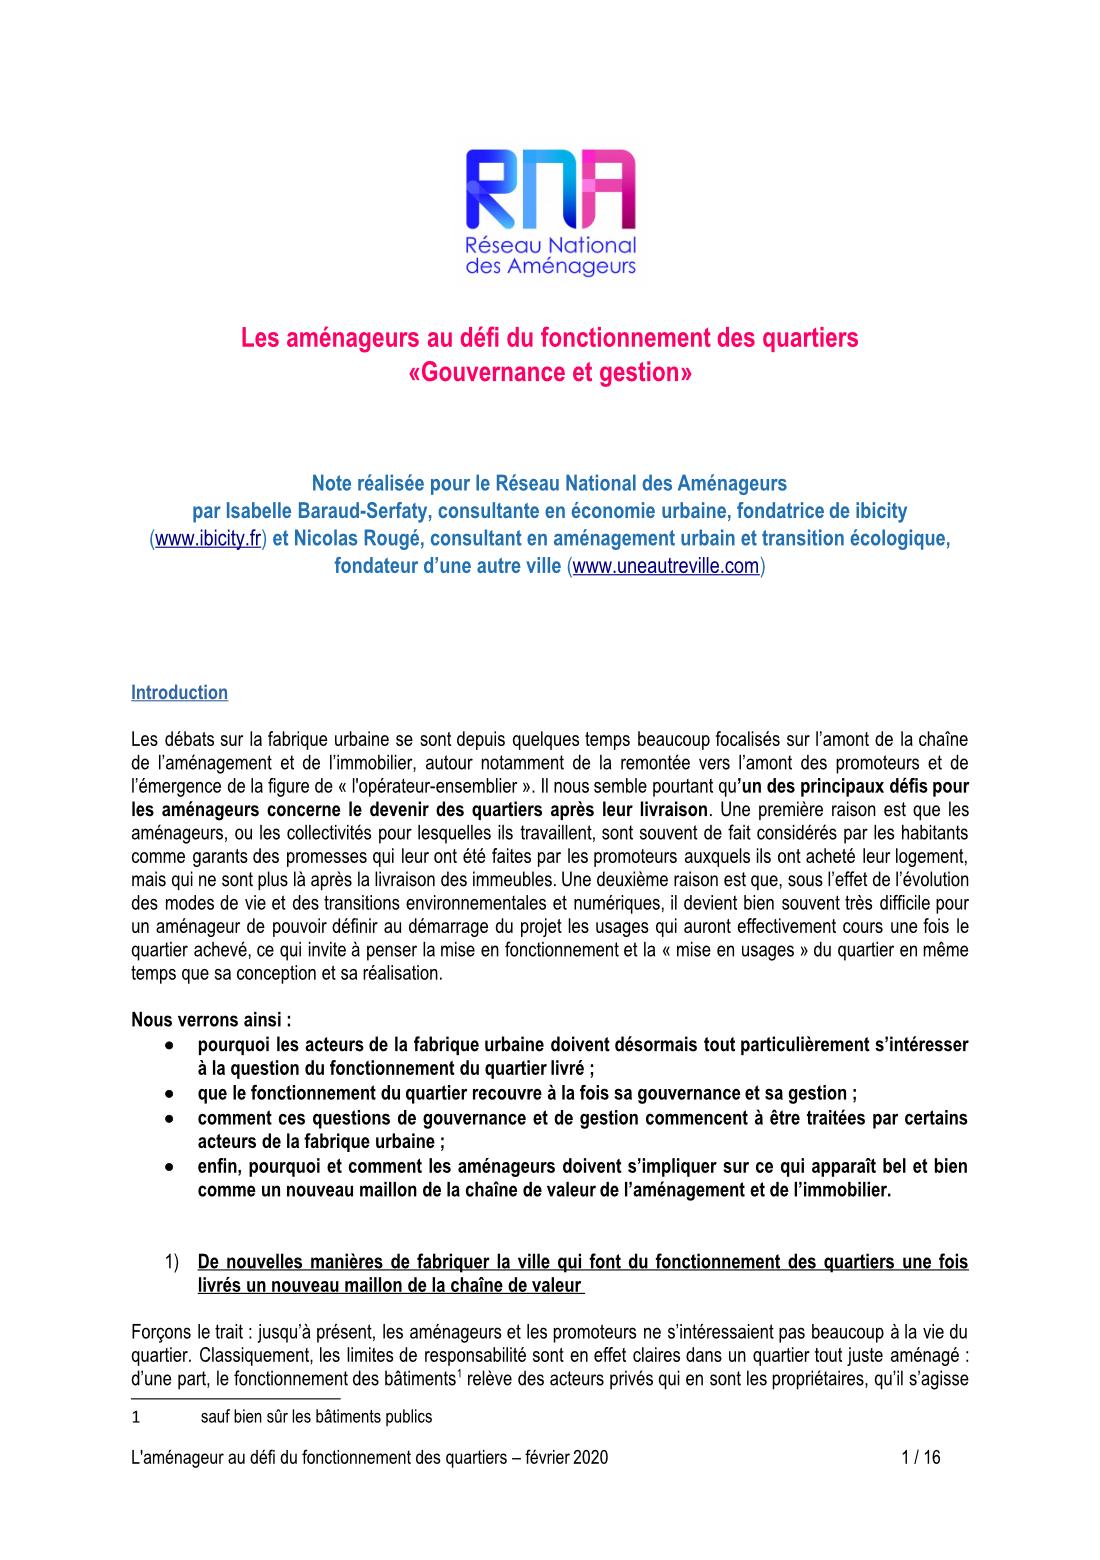 Les aménageurs au défi du fonctionnement des quartiers : gouvernance et gestion